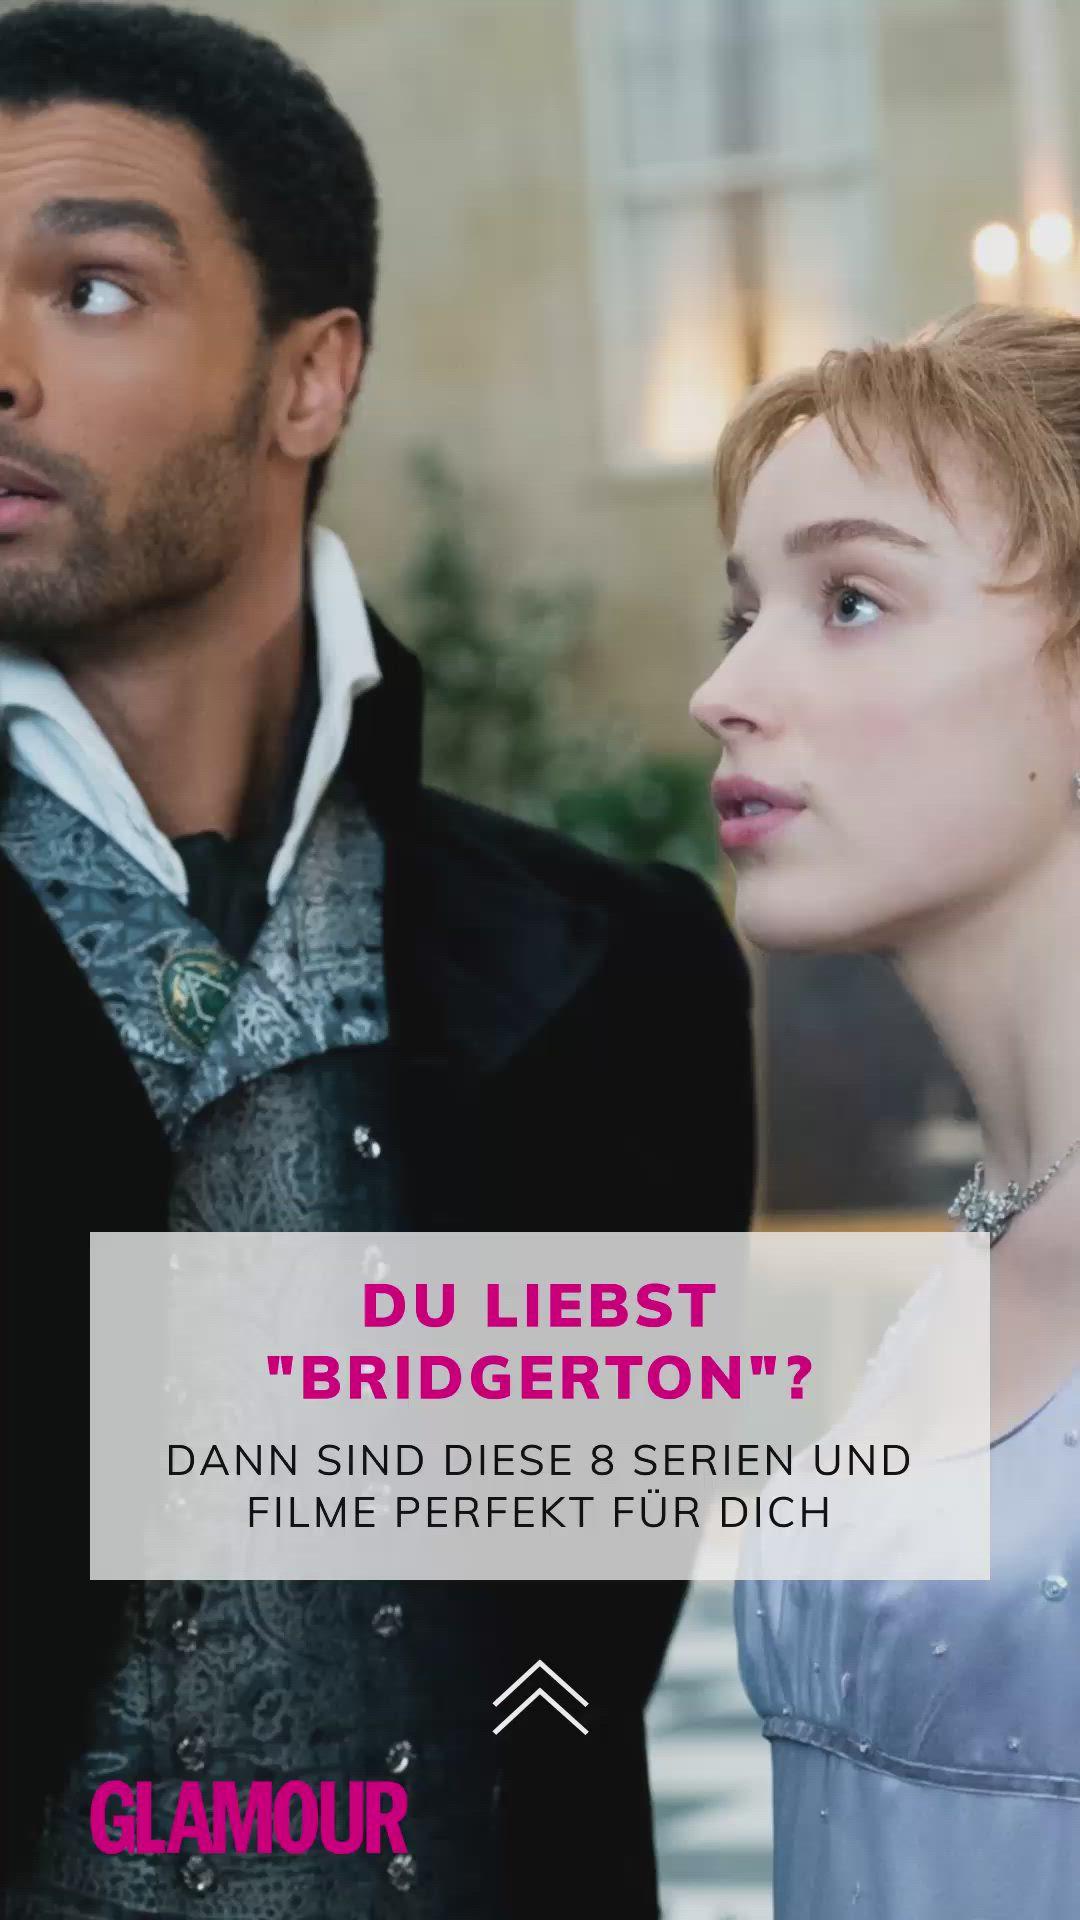 Bridgerton Alternative Die 8 Besten Serien Und Filme Video Video In 2021 Filme Netflix Filme Film Tipp